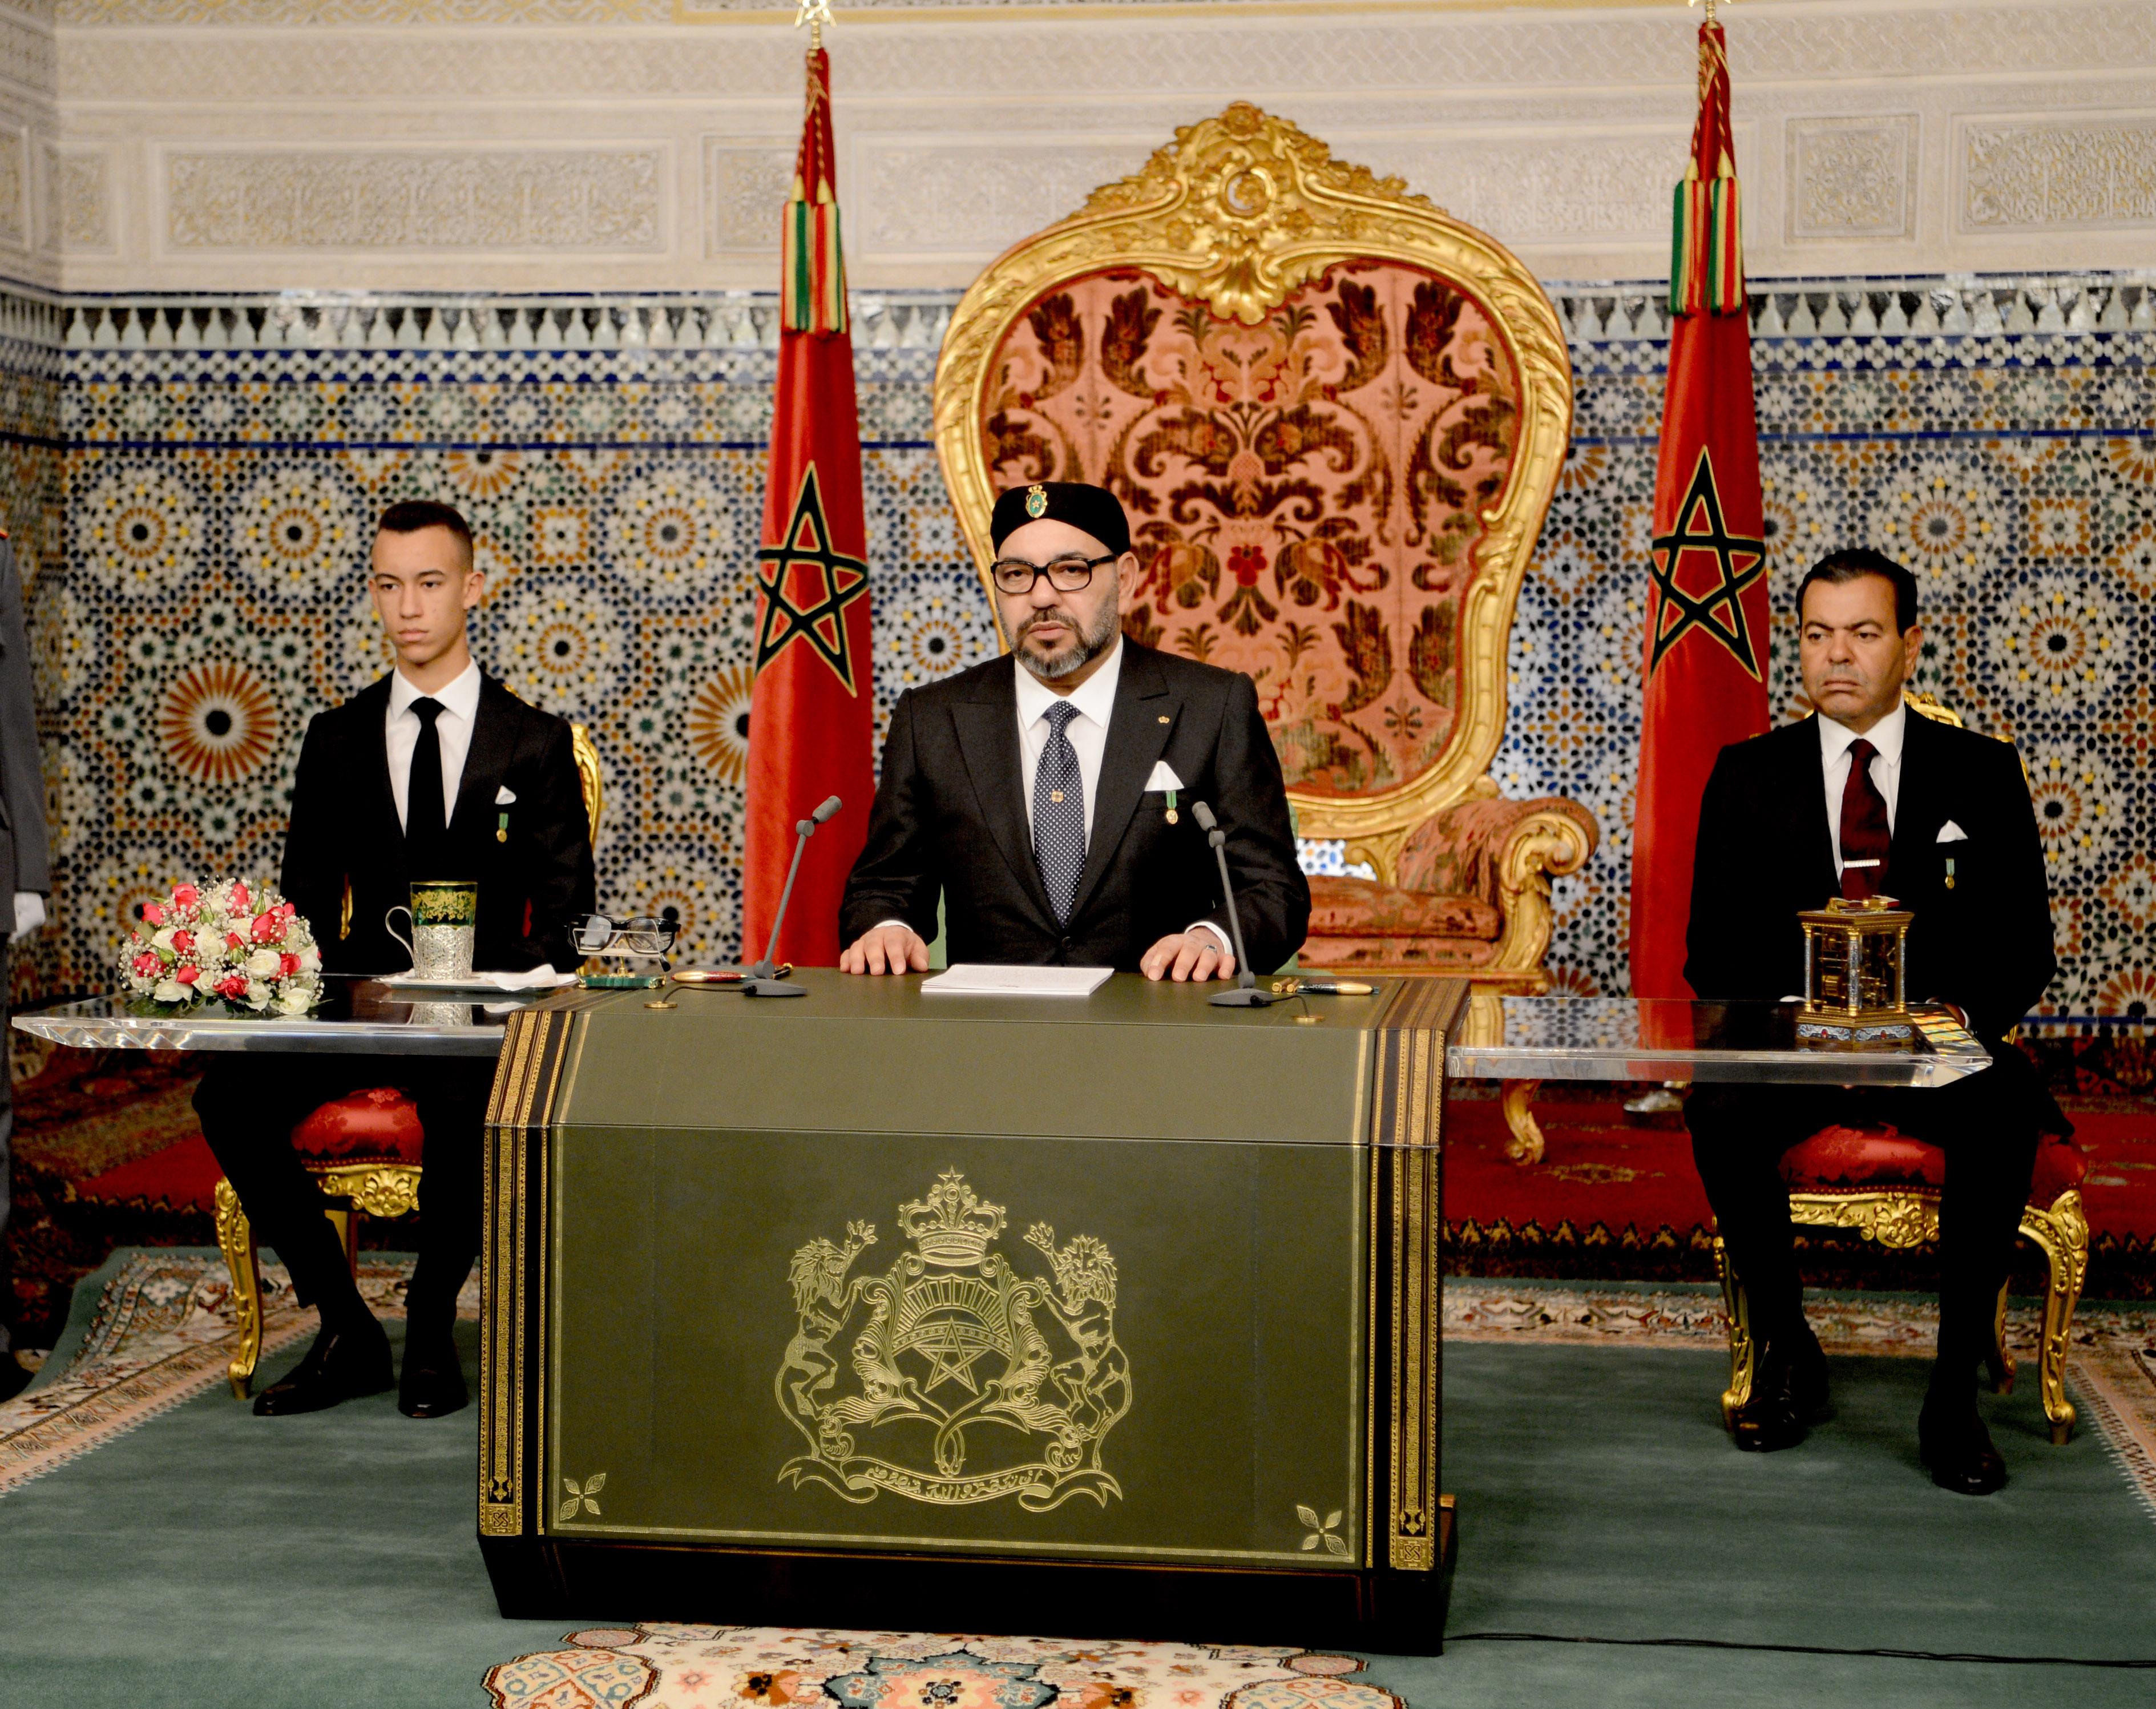 المتحدث بإسم الأمم المتحدة يرحب بدعوة محمد السادس لحوار مباشر مع الجزائر